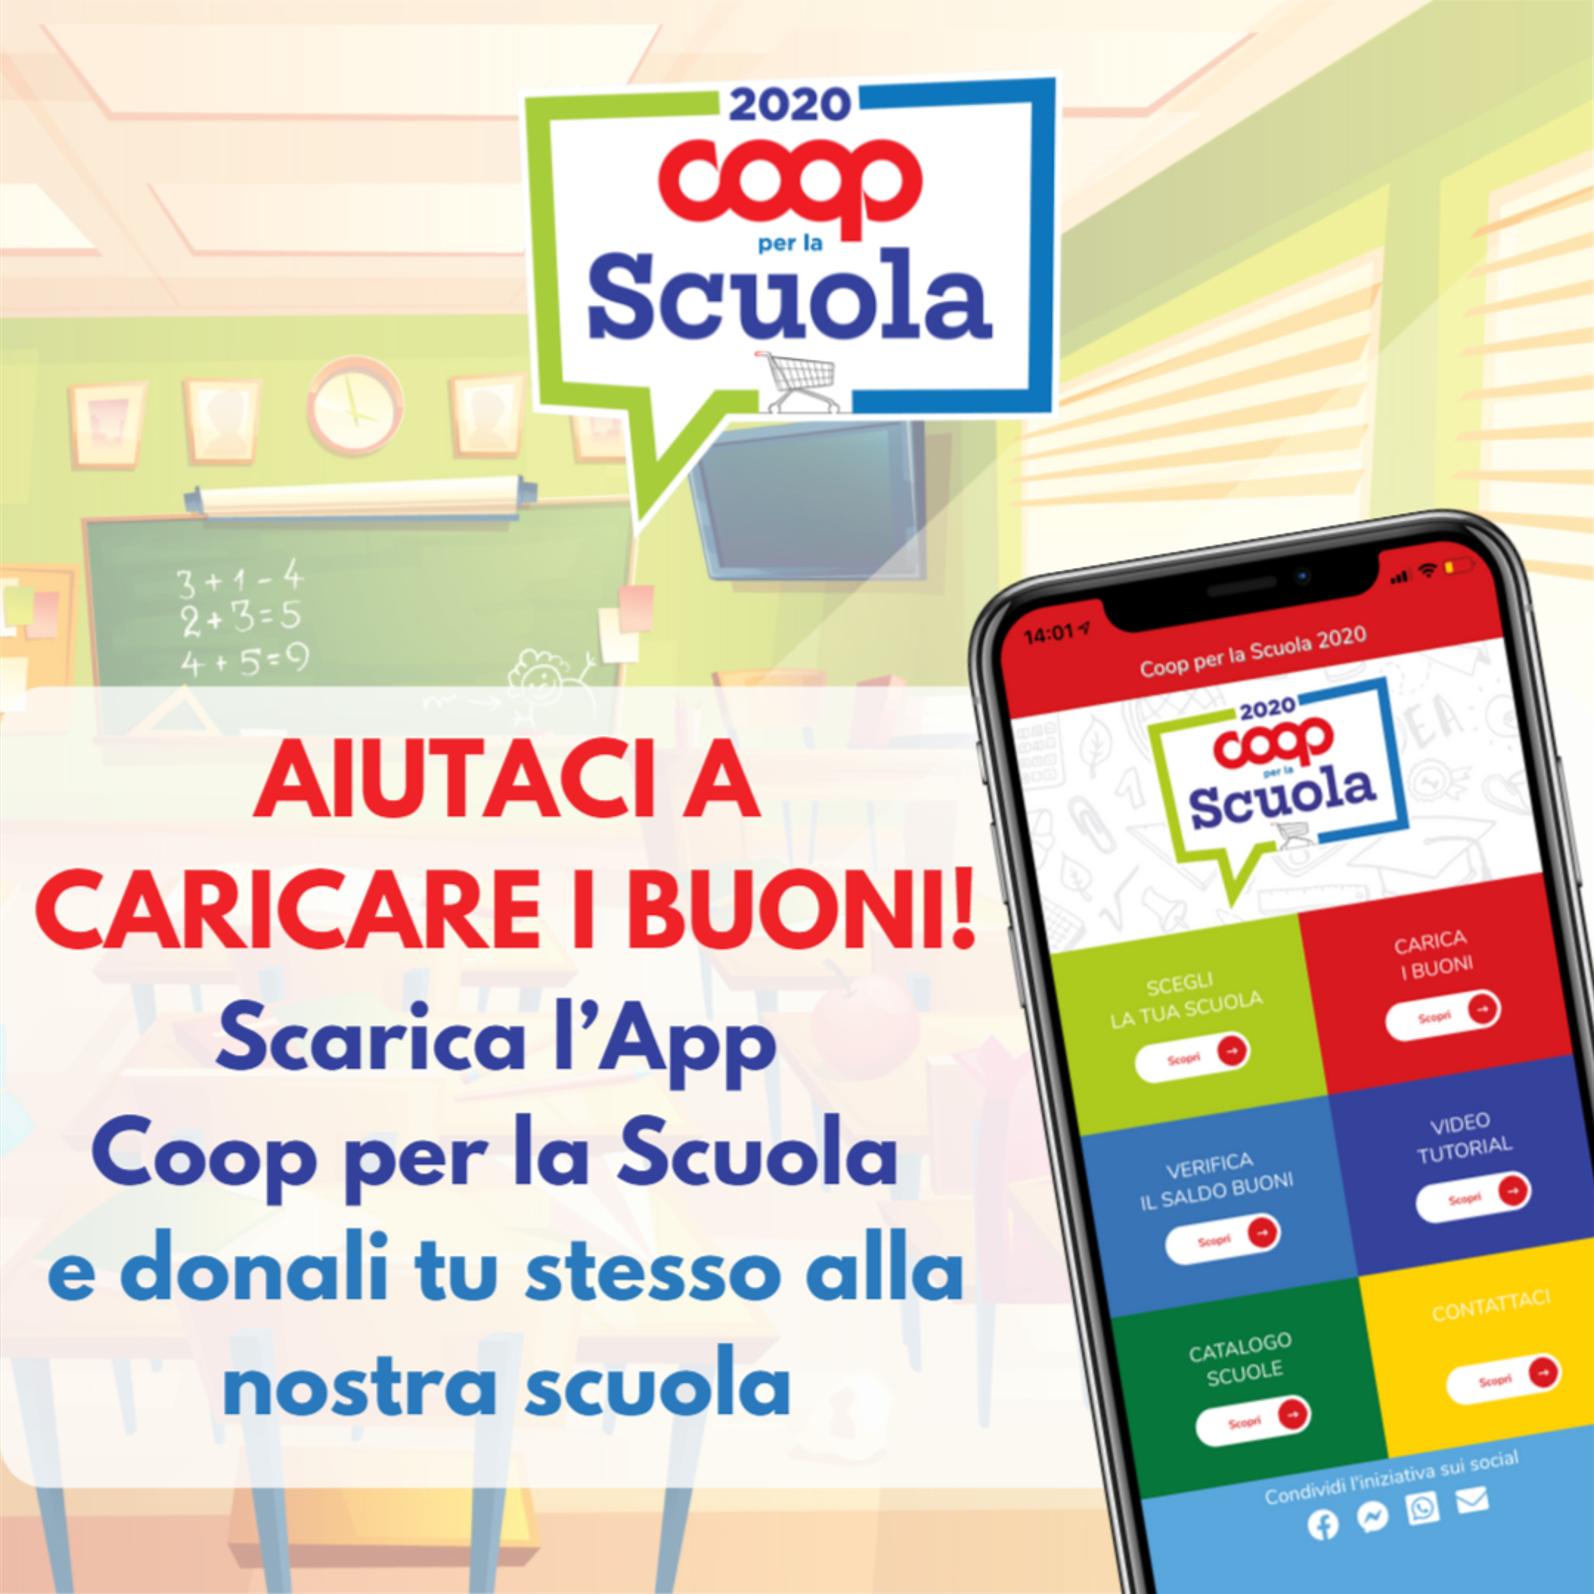 Coop+per+la+Scuola+2020+-+Post+social